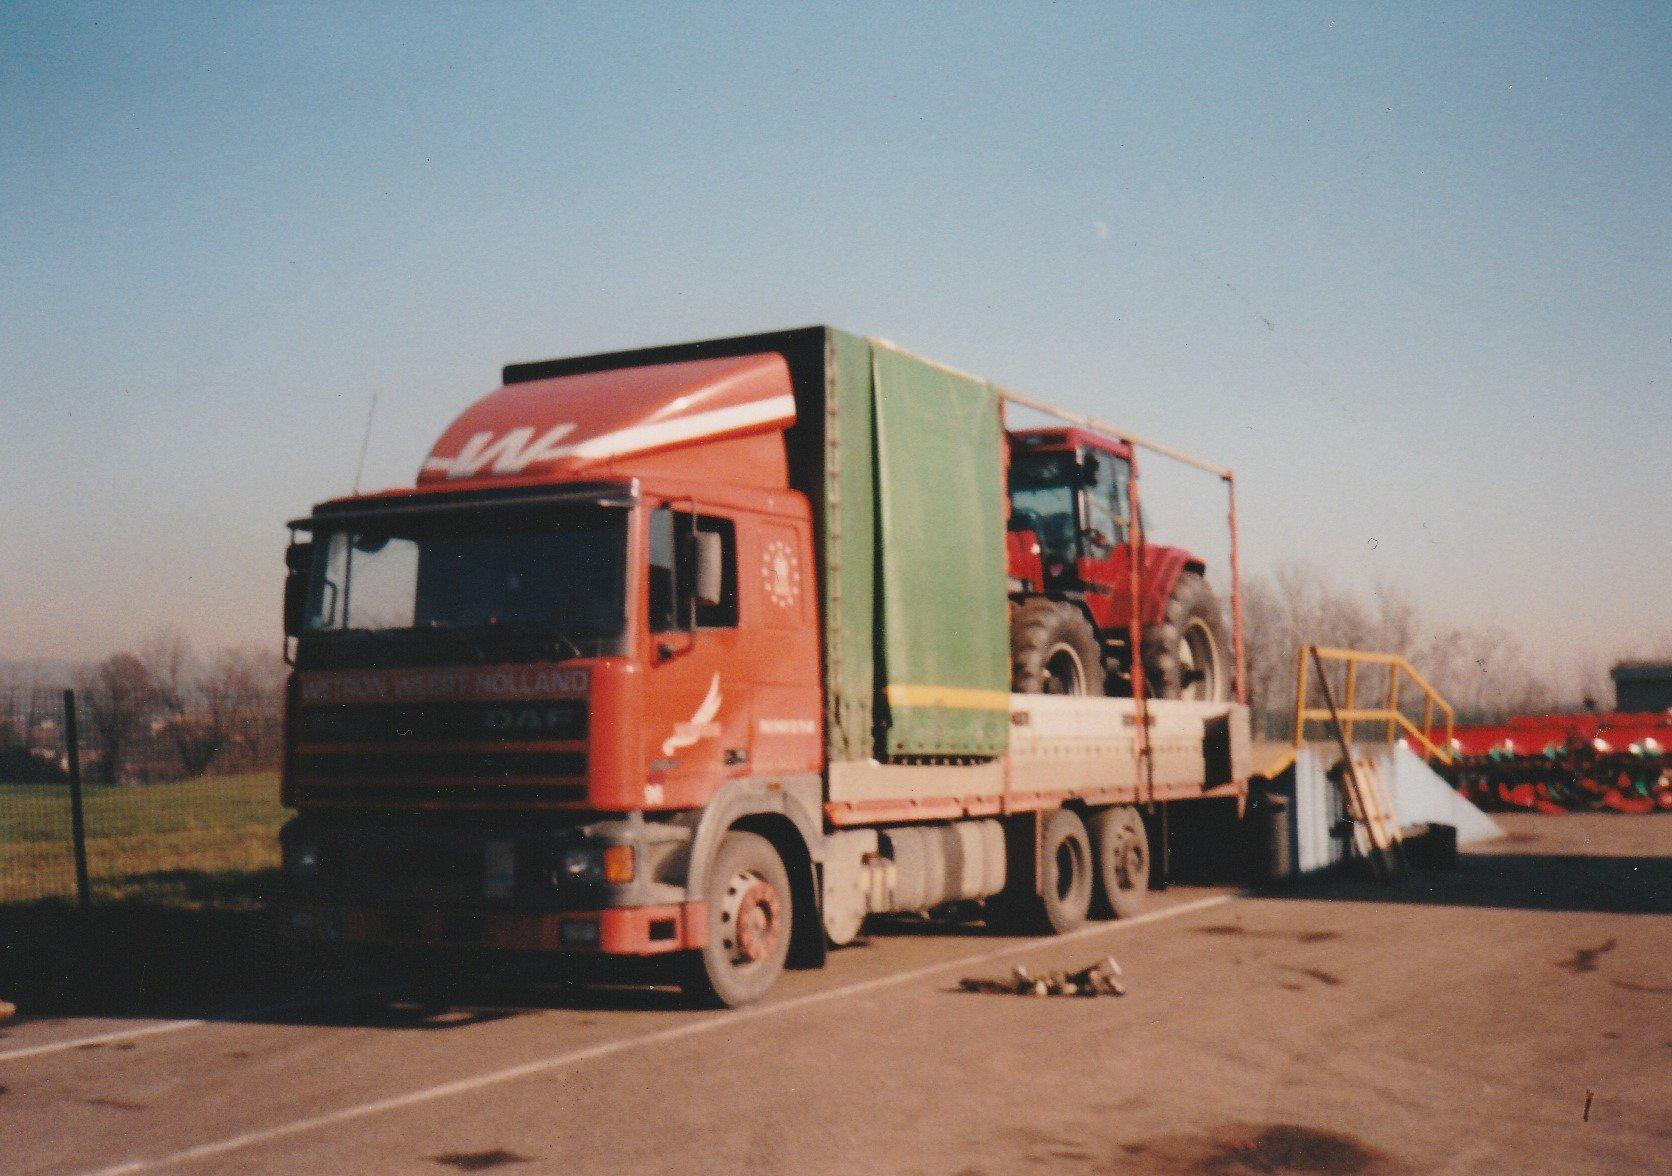 Hans-Anthonise--Tractoren-geladen-in-Le-Havre-Frankrijk-om-te-lossen-in-Italie--Tanken-en-eten-in-Nantua-plus-een-fotomomentje--1